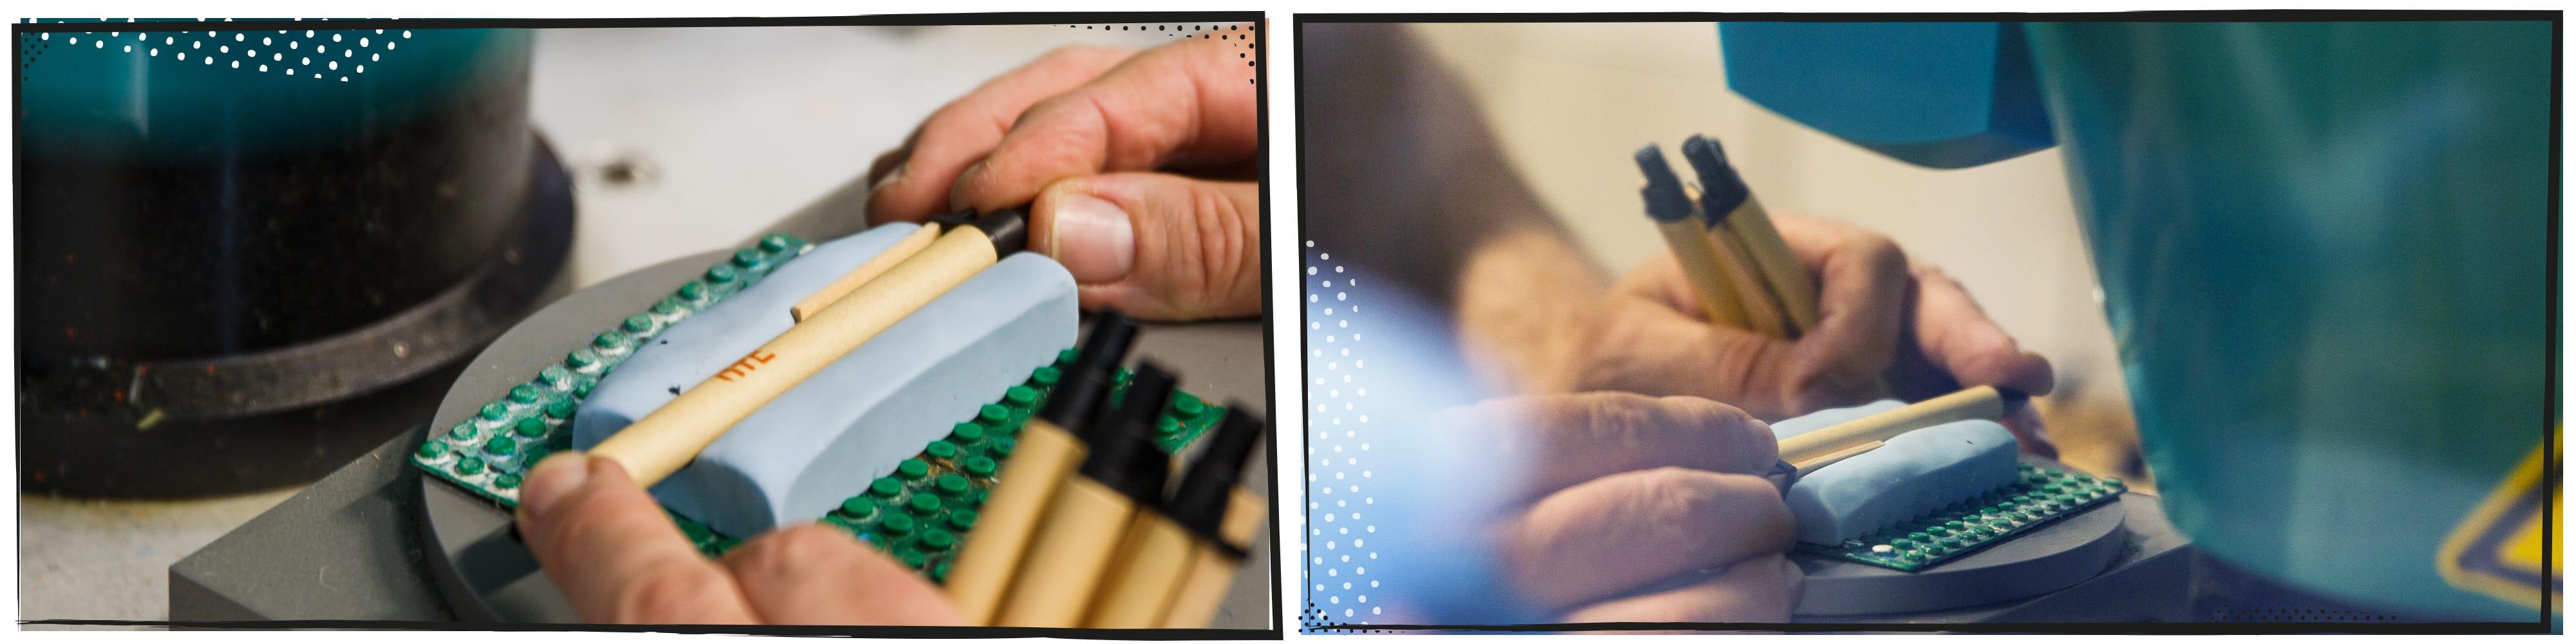 druktechnieken-tampondruk